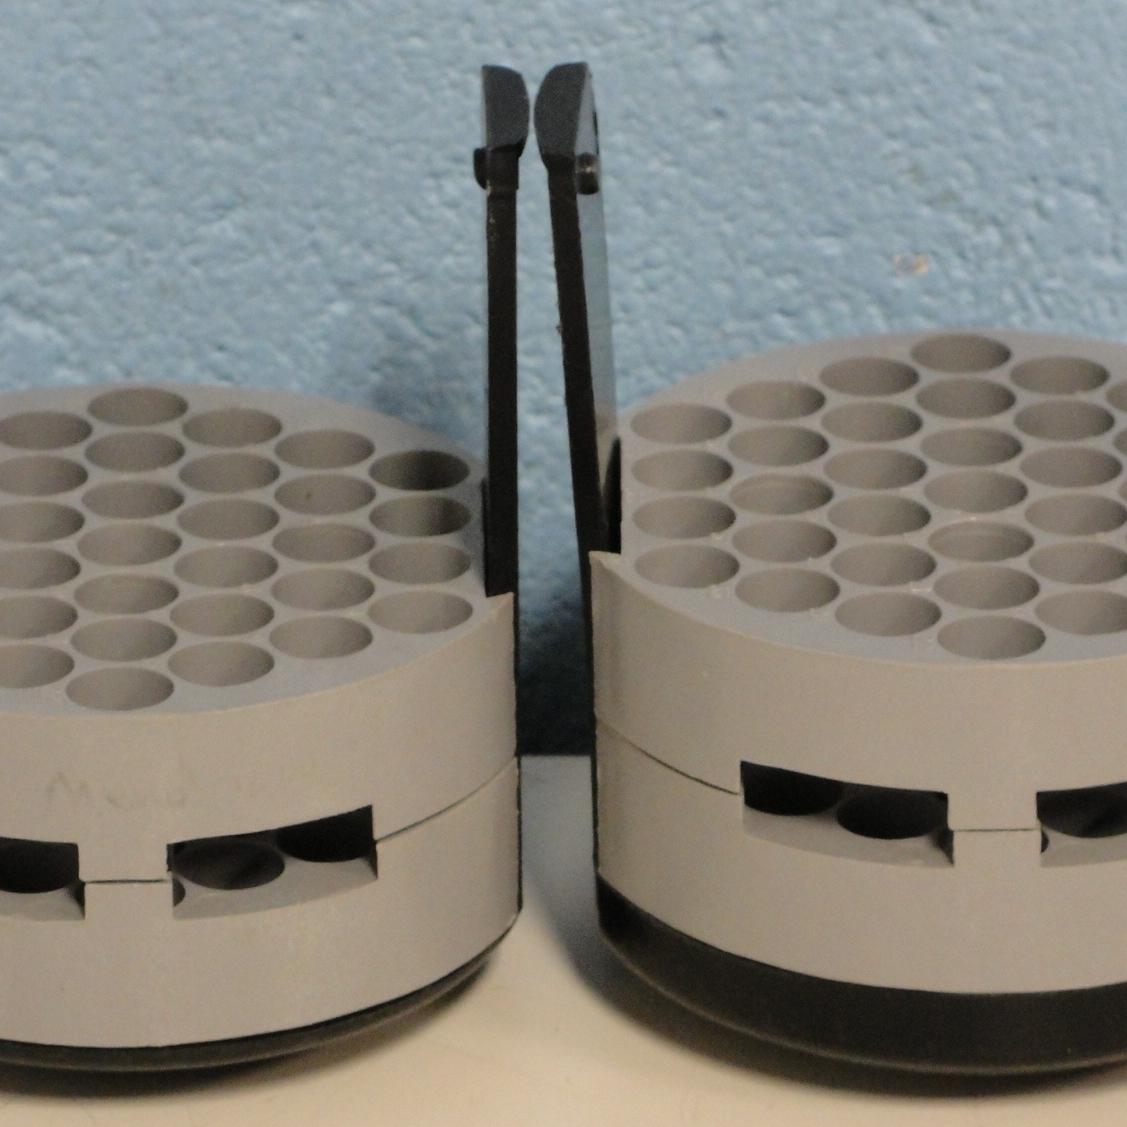 Jouan Tube Slot Bucket Adapters 37 x 5 mL Image